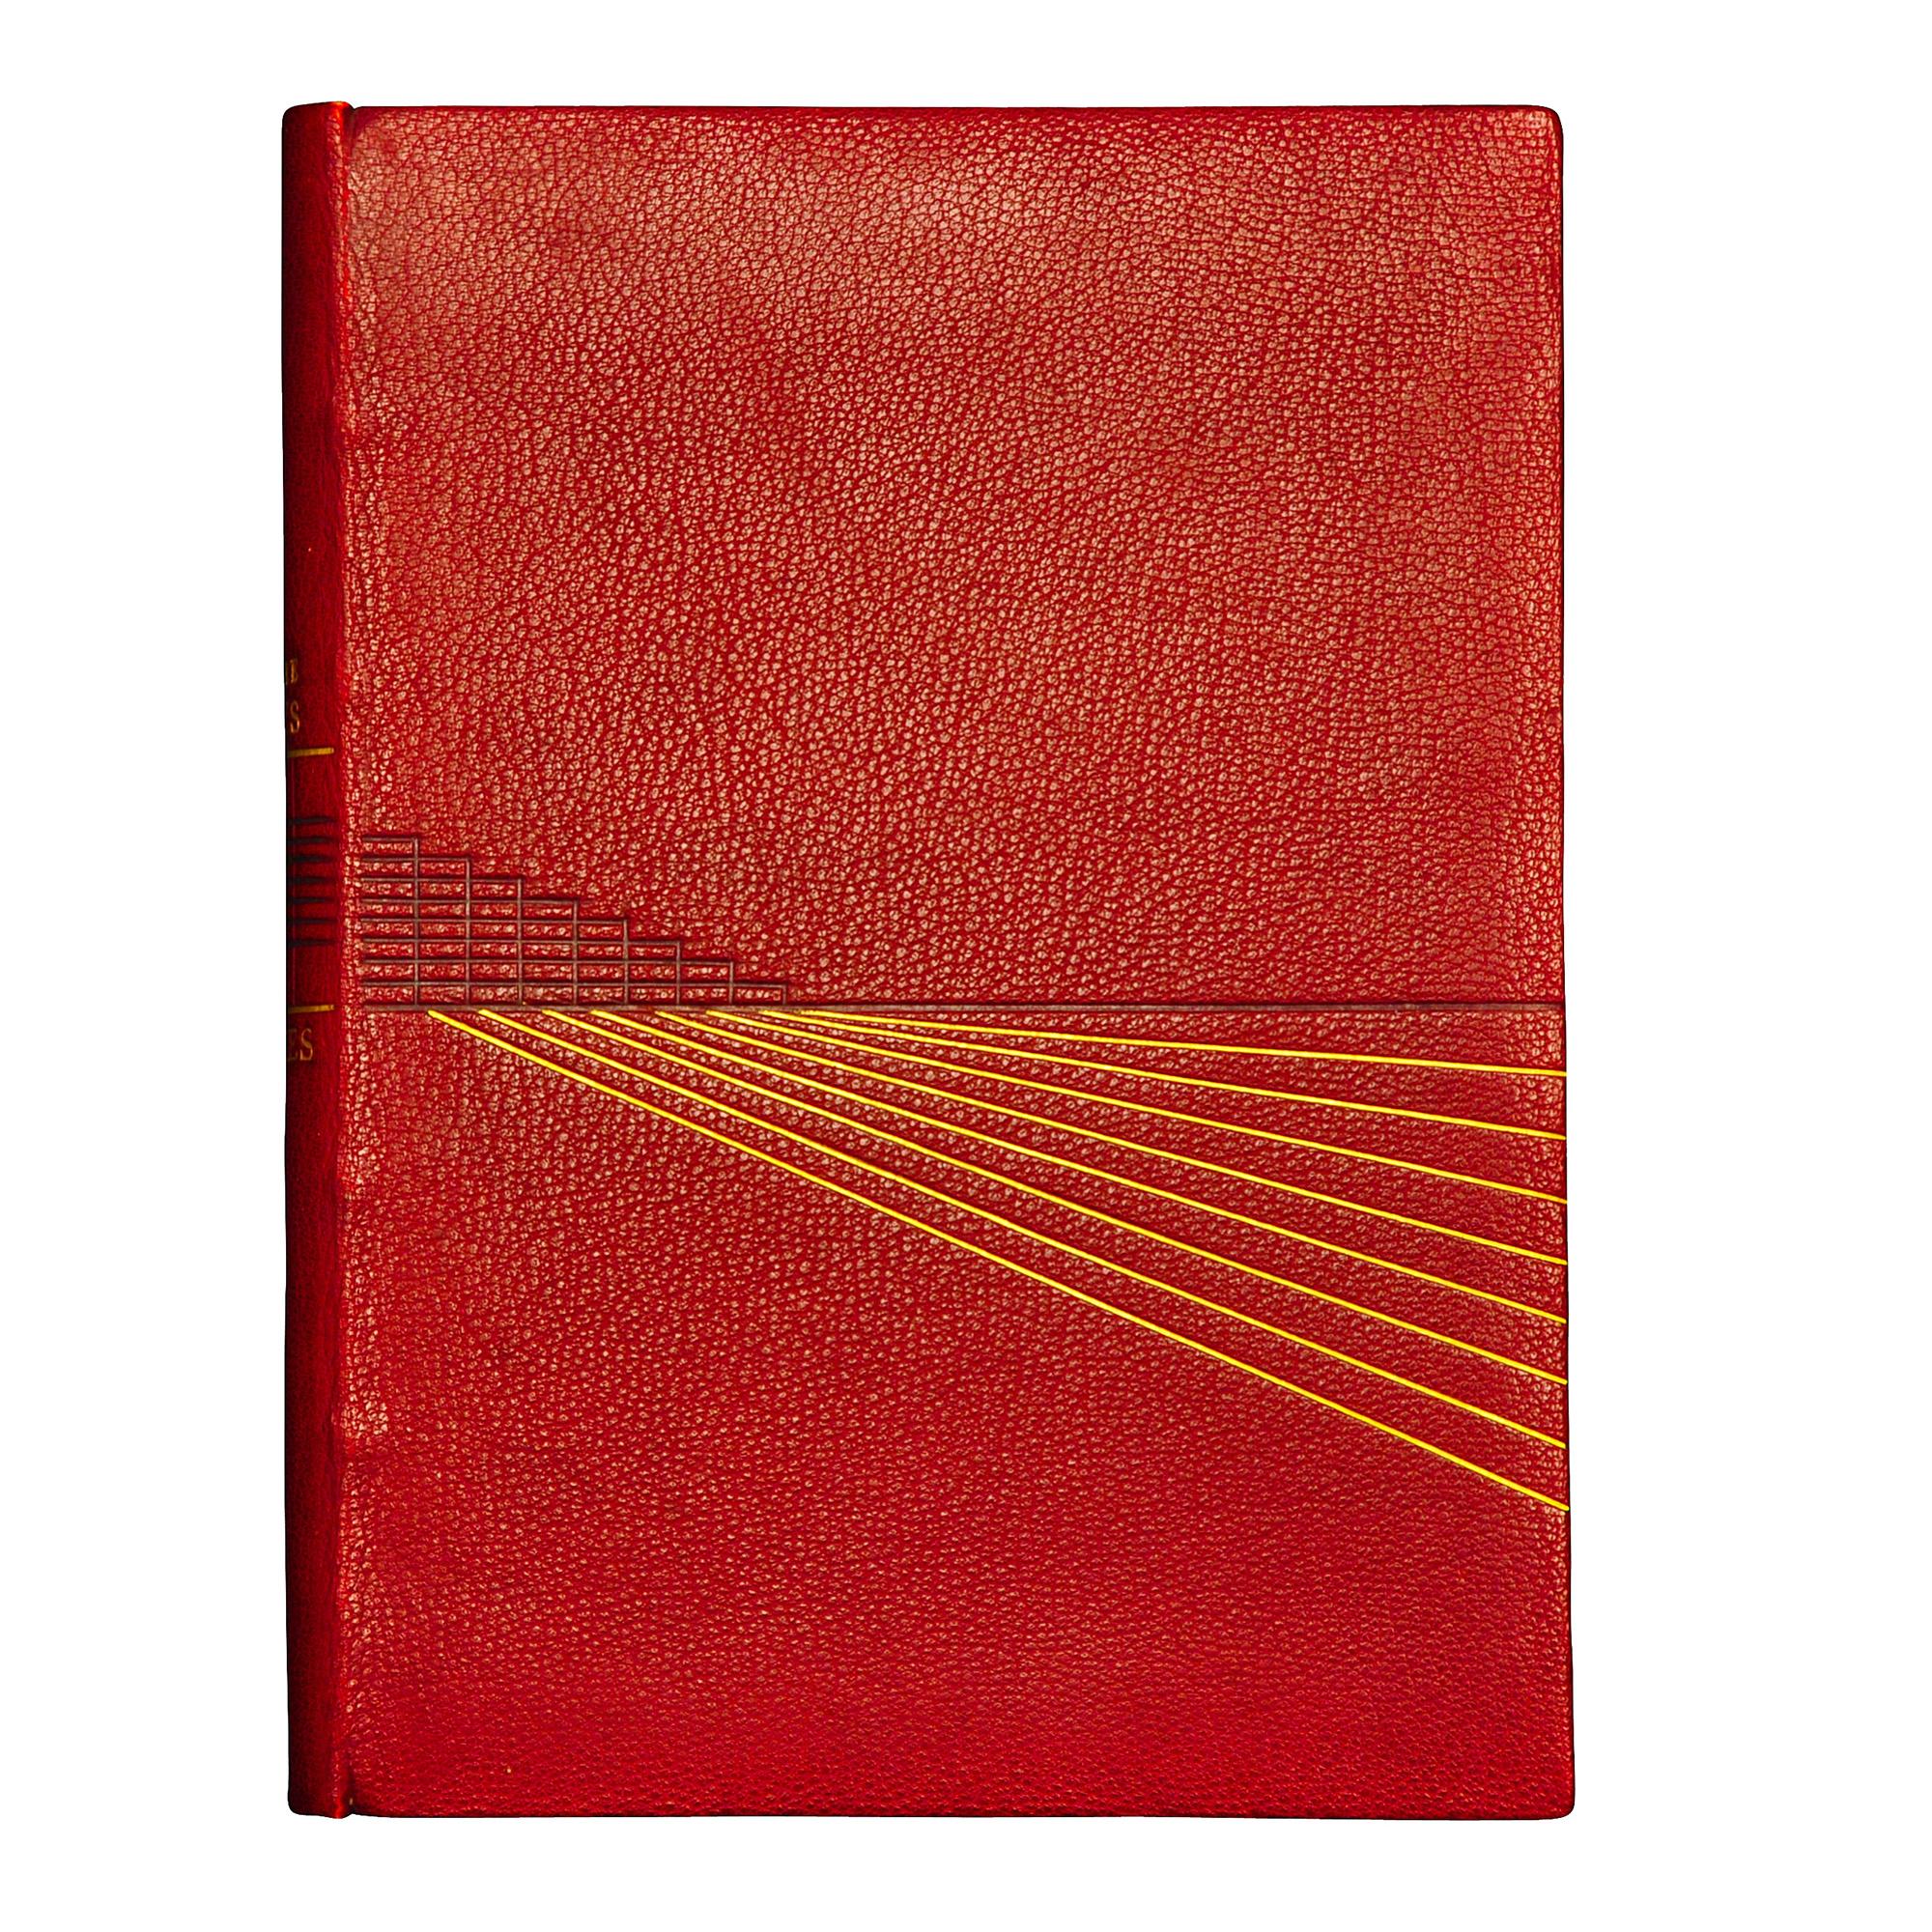 1152-Louis-Poesies-Reliure-1927-2-frei.jpg